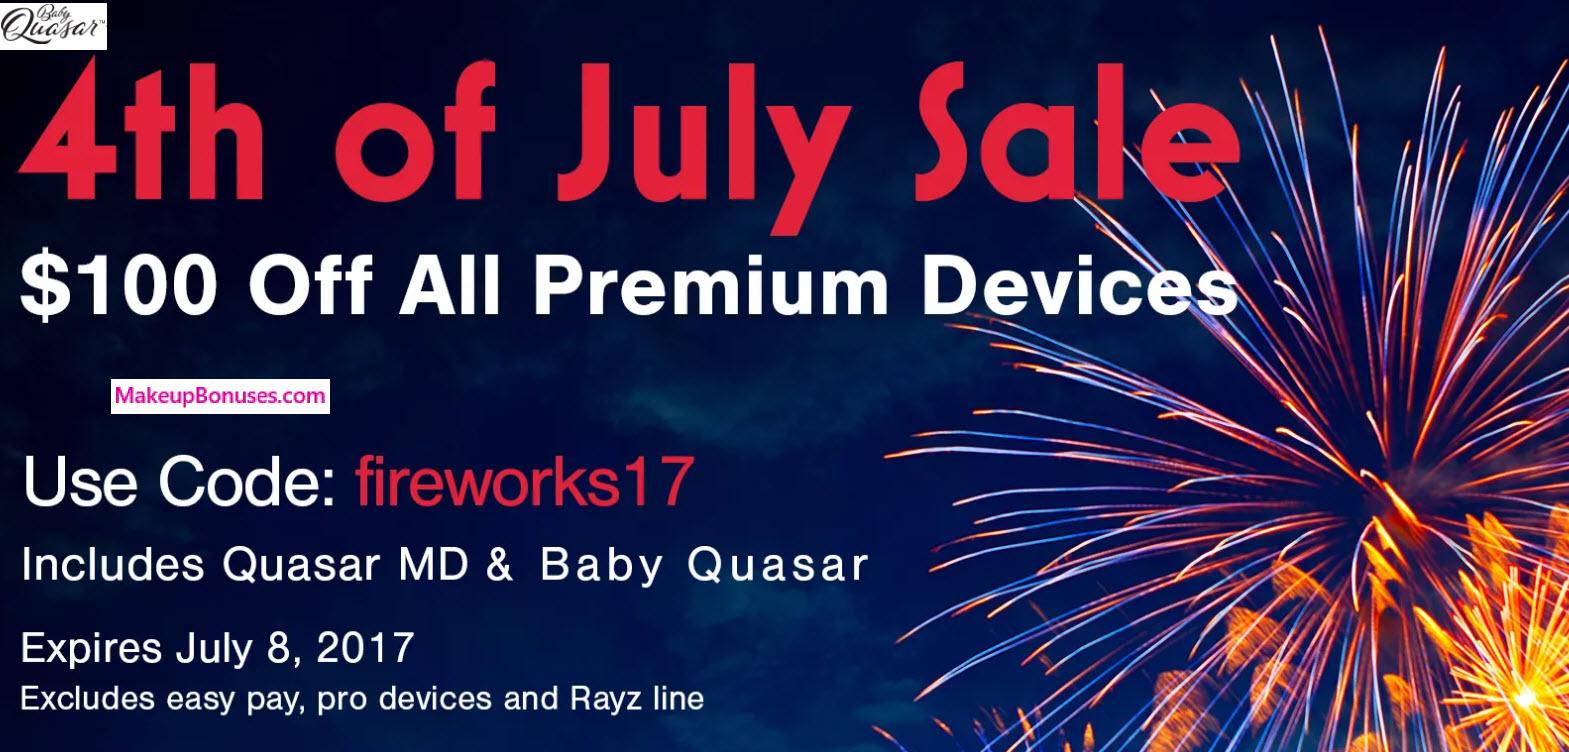 Baby Quasar $100 Off - MakeupBonuses.com